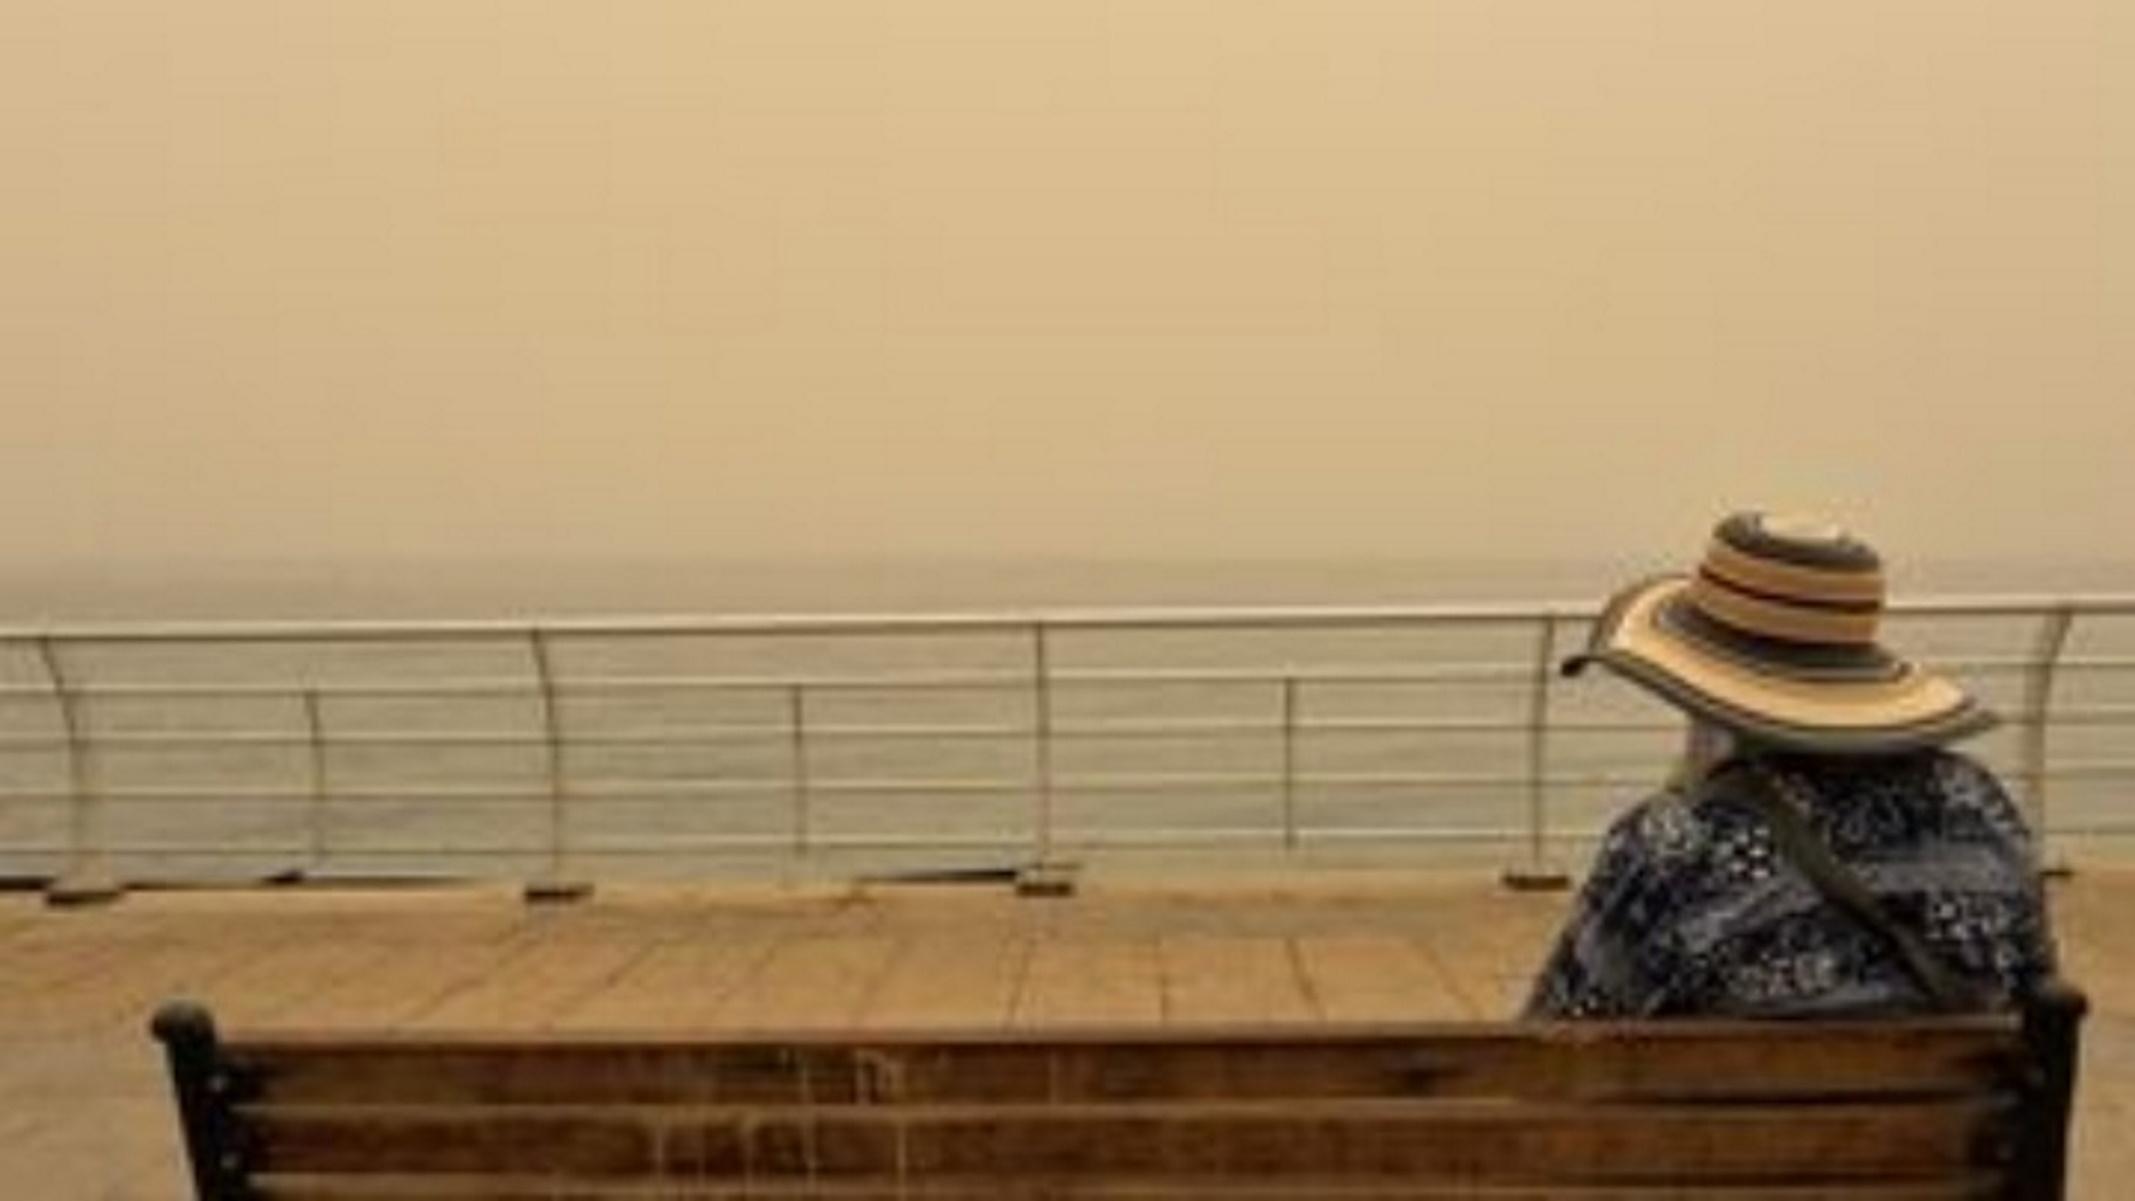 Καιρός σήμερα: 32άρια με αφρικανική σκόνη – Πού θα βρέξει